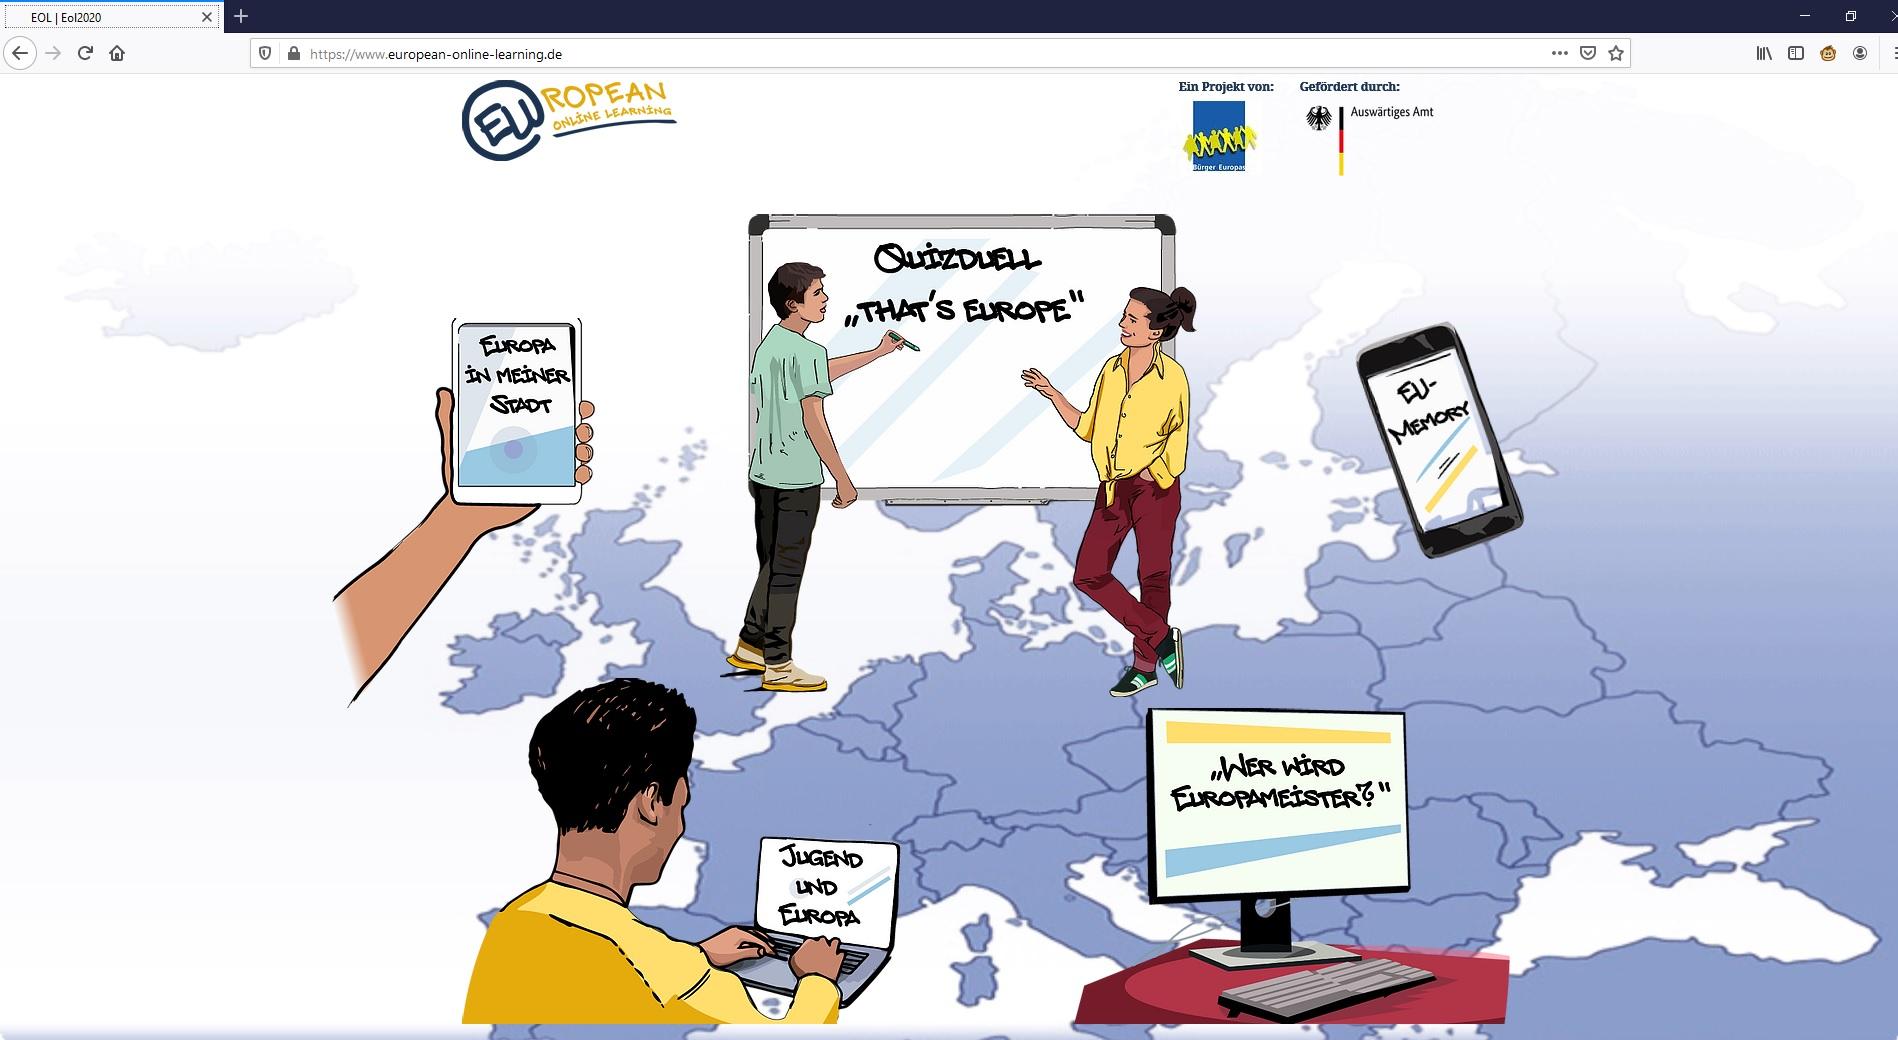 www.european-online-learning.de